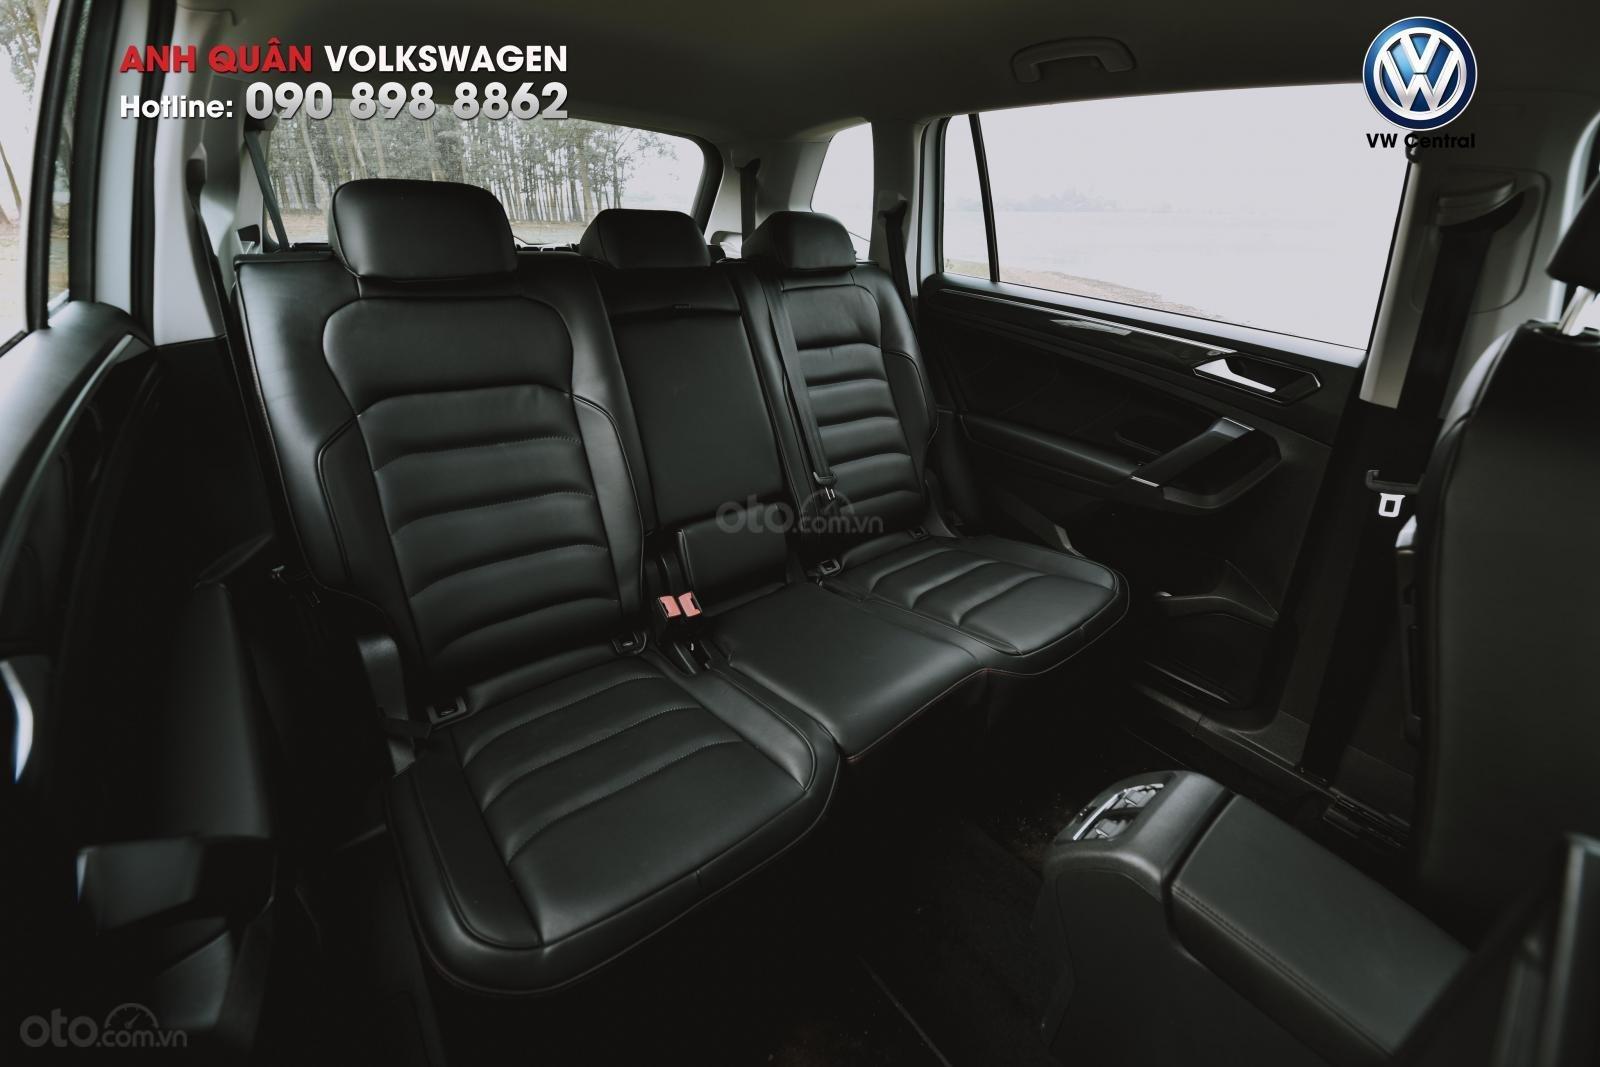 Tiguan Allspace Luxury 2020 - nhập khẩu, đủ màu, giao ngay|Hotline: 090-898-8862 (Anh Quân - VW Sài Gòn) (22)